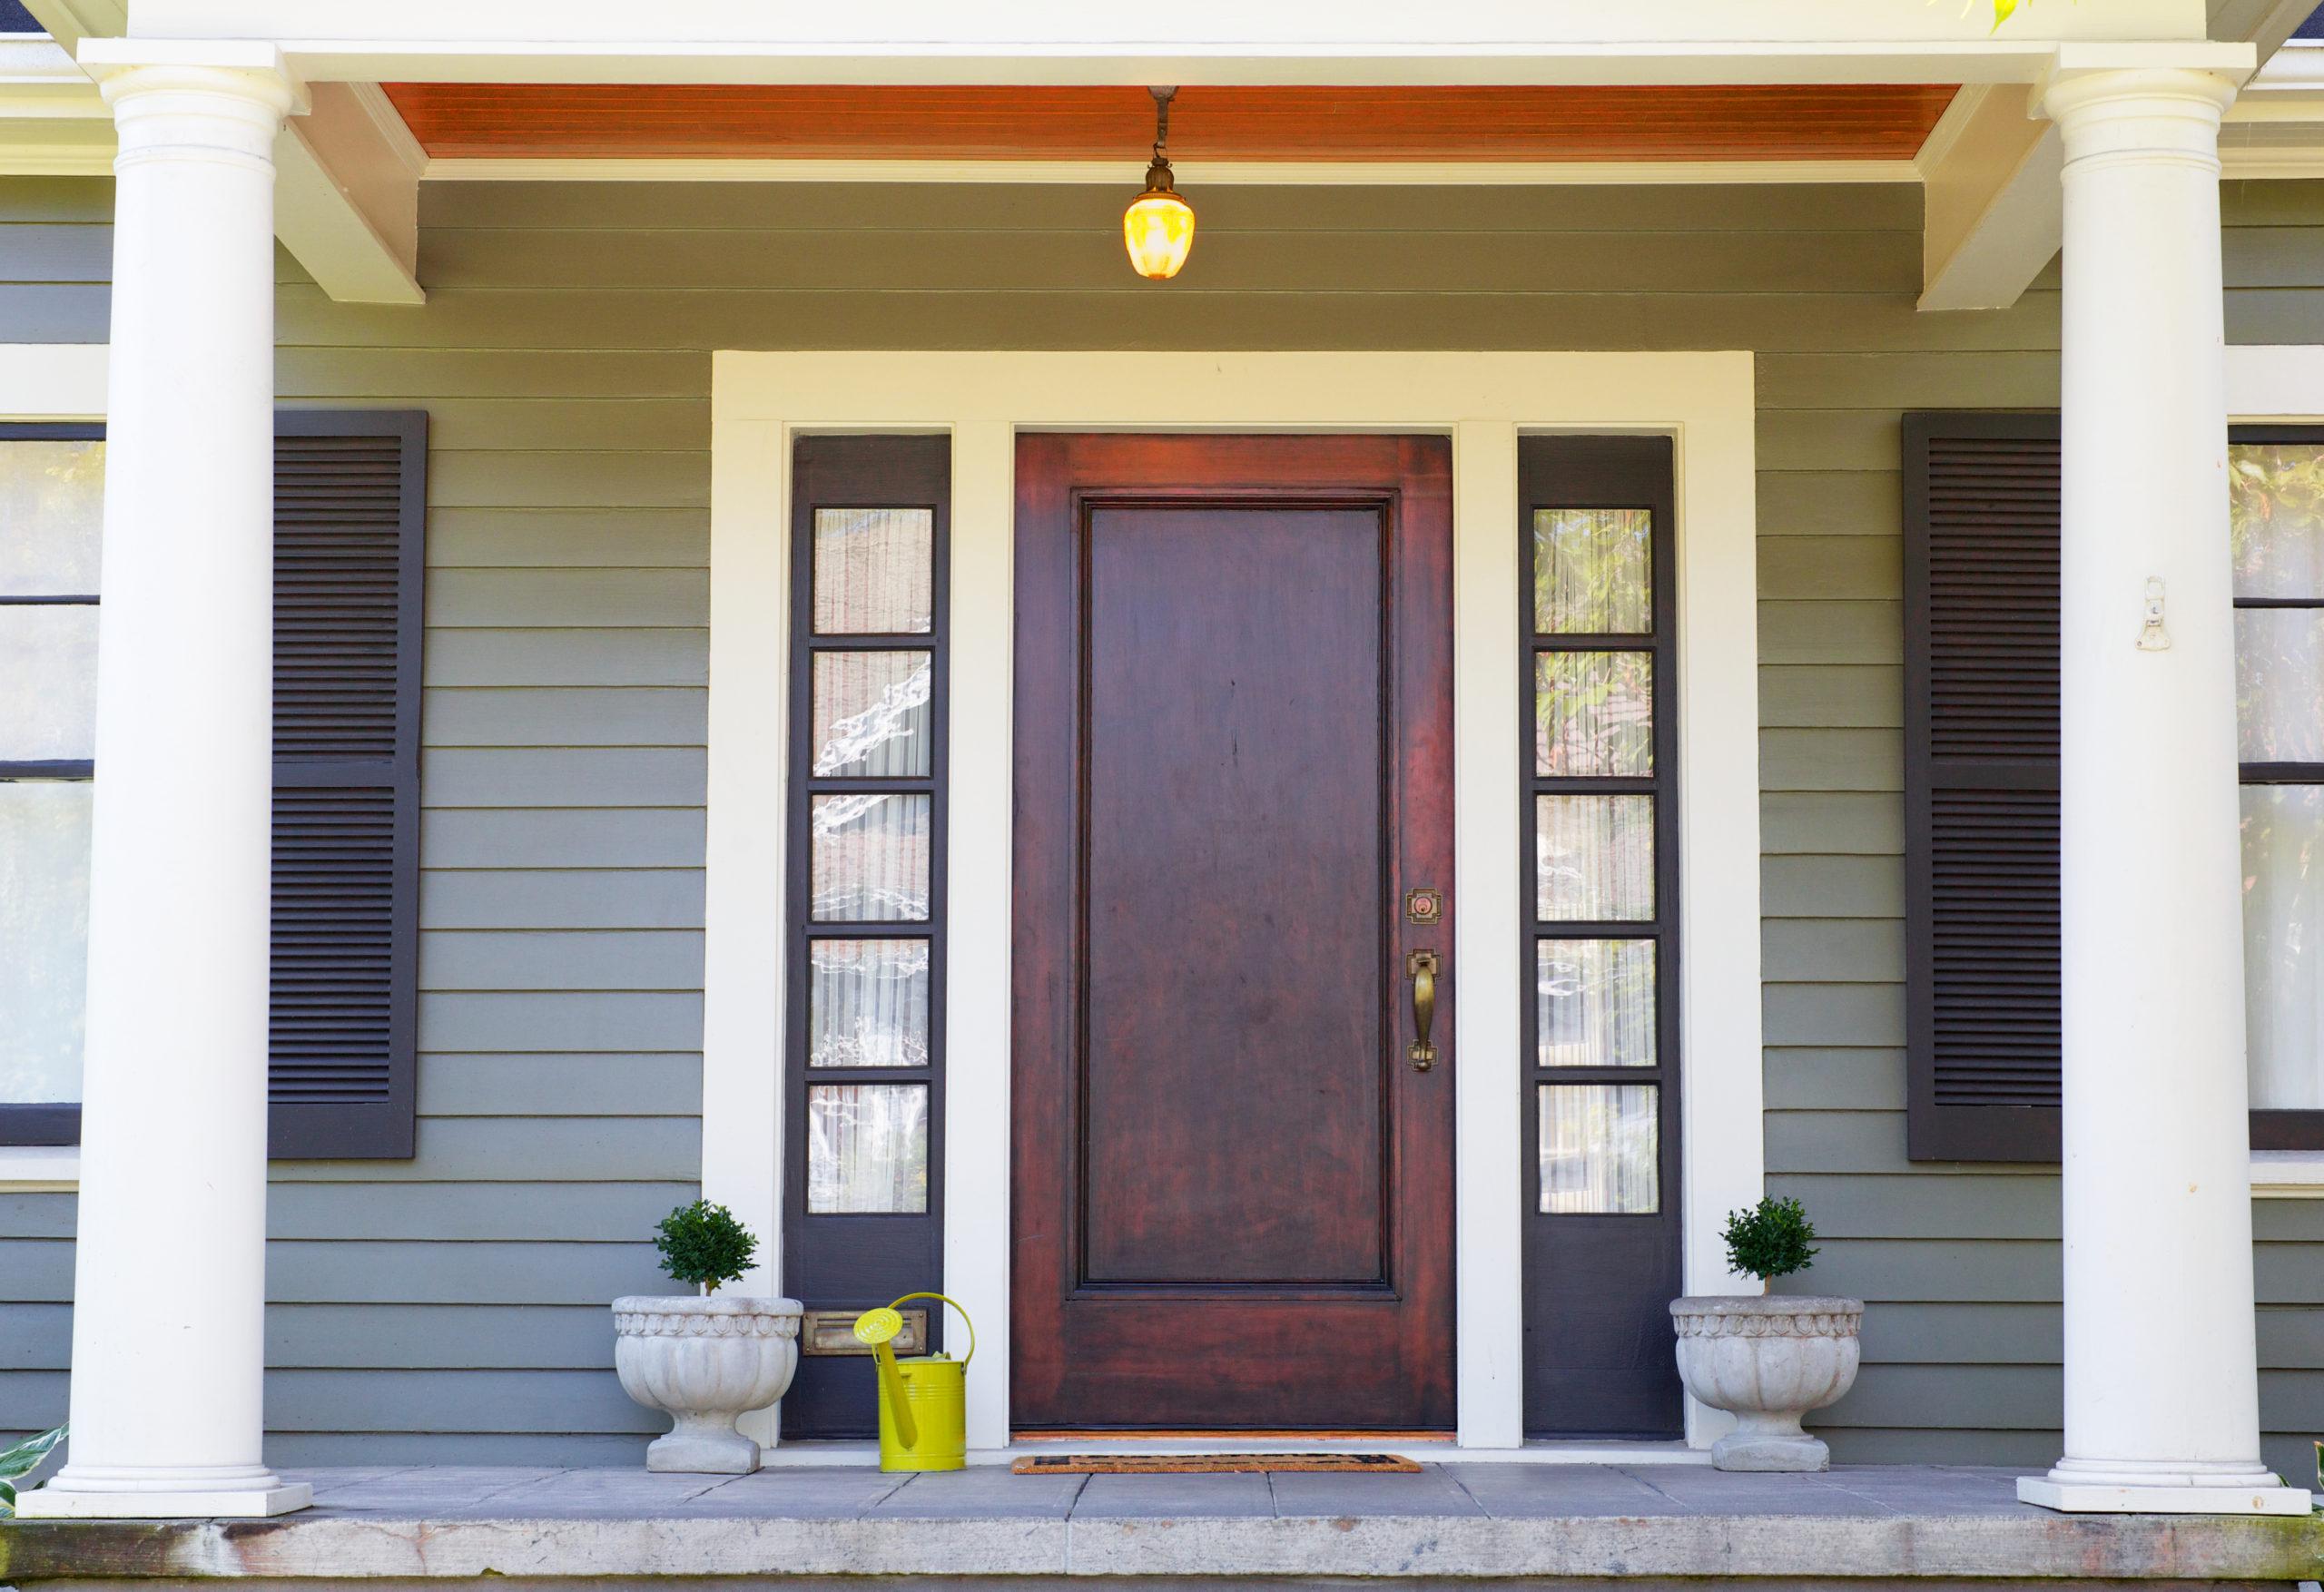 Einbau einer Haustür